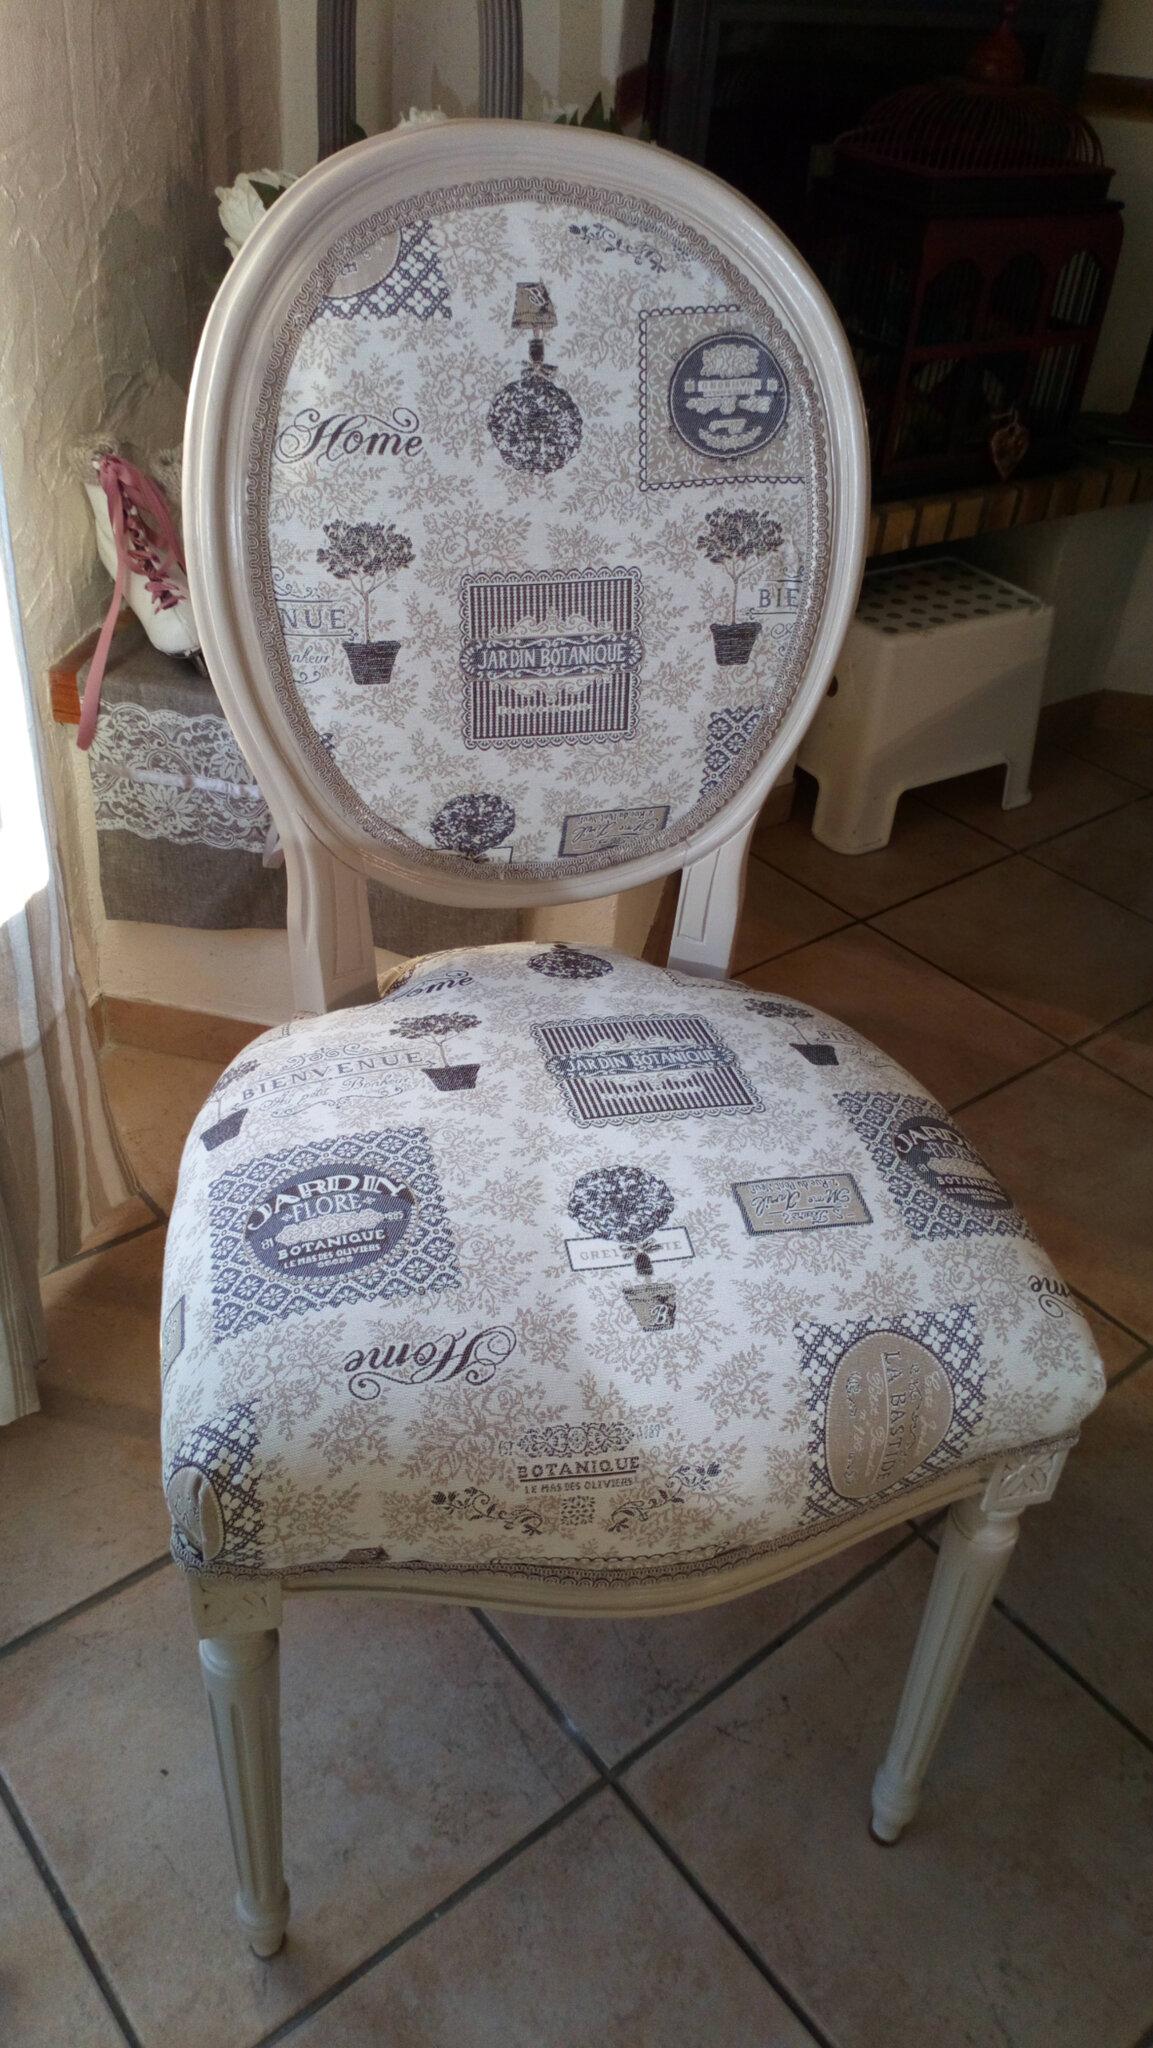 Renover Une Chaise Medaillon chaise : tous les messages sur chaise - les folies de sophie